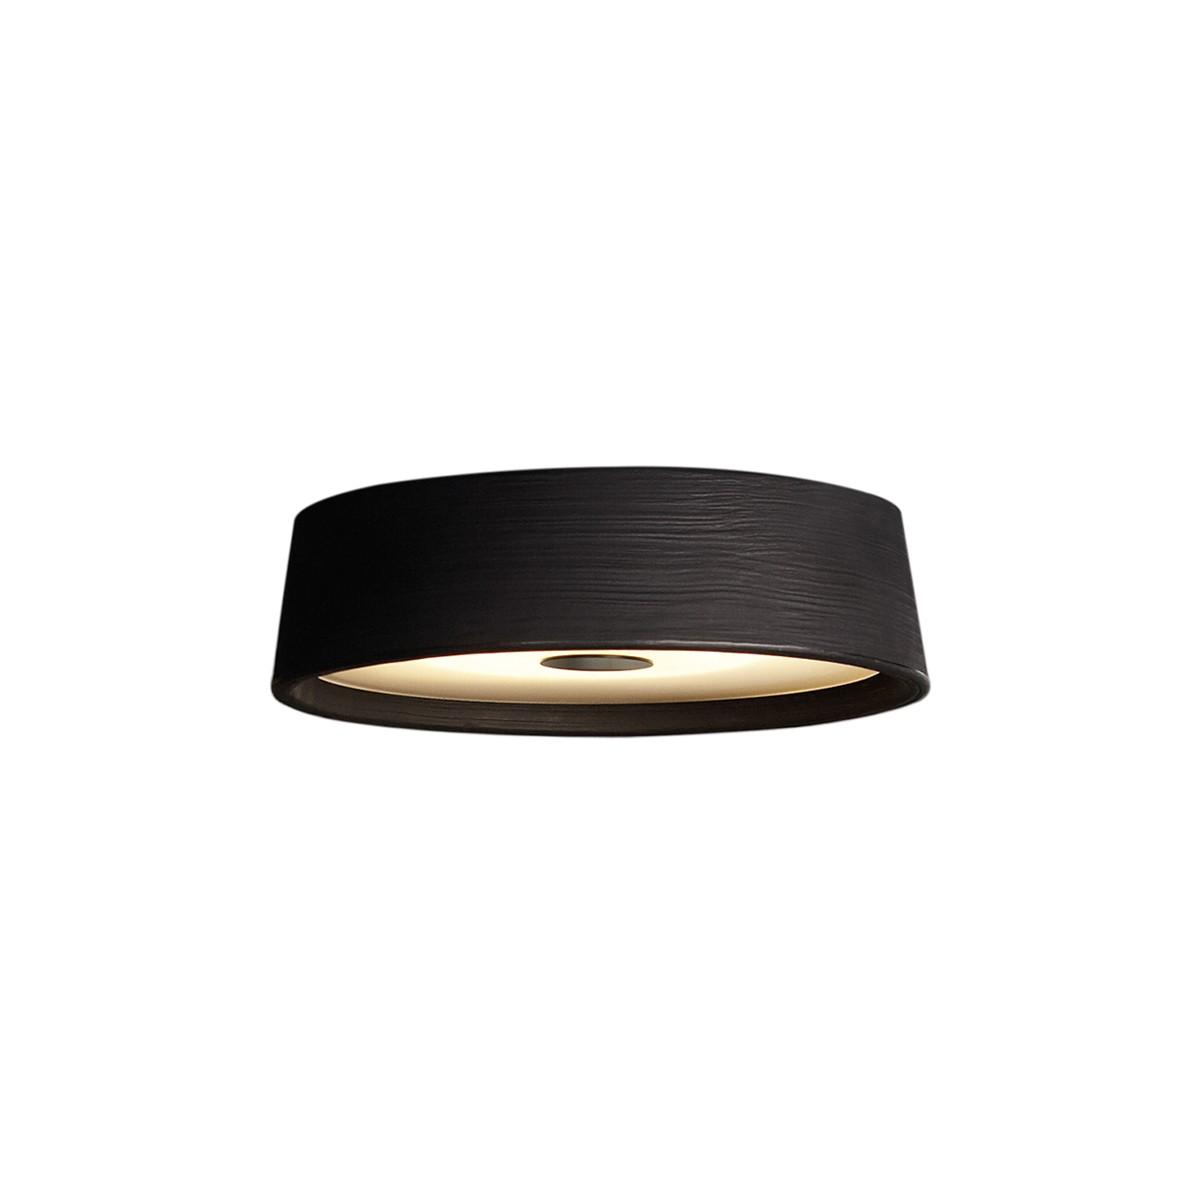 Marset Soho C 57 LED Deckenleuchte, schwarz